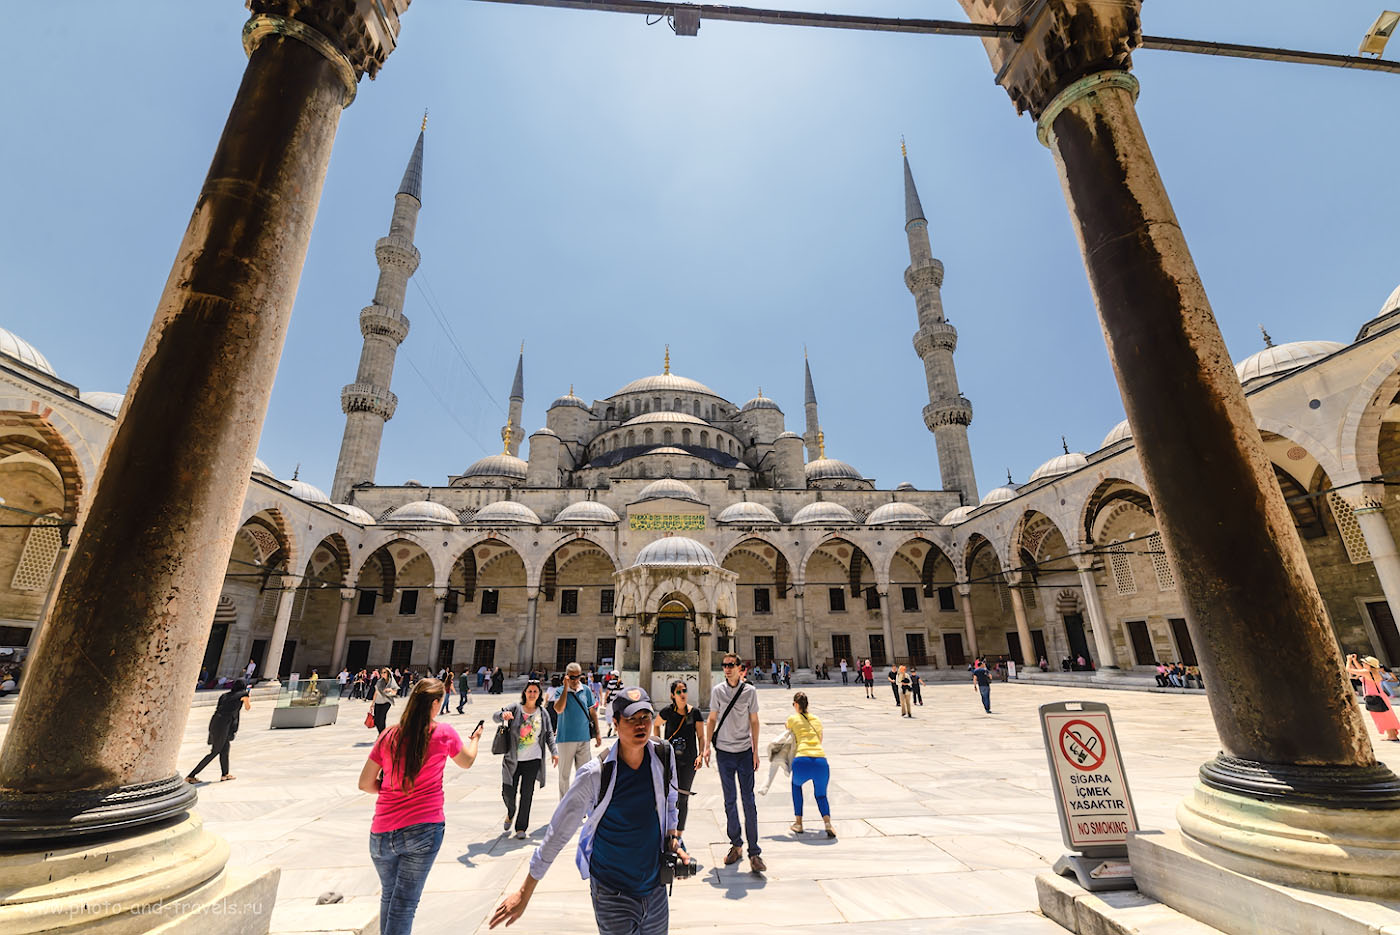 Фото 2. Голубая мечеть. Отзывы туристов об экскурсиях в Стамбуле. Снято на полнокадровый фотоаппарат Nikon D610 со сверхширокоугольным объективом Samyang 14mm f/2.8. Параметры съемки: выдержка 1/640 секунды, экспокоррекция составляет «-1,33EV», диафрагма f/8.0, ISO 125, фокусное расстояние 14 мм.